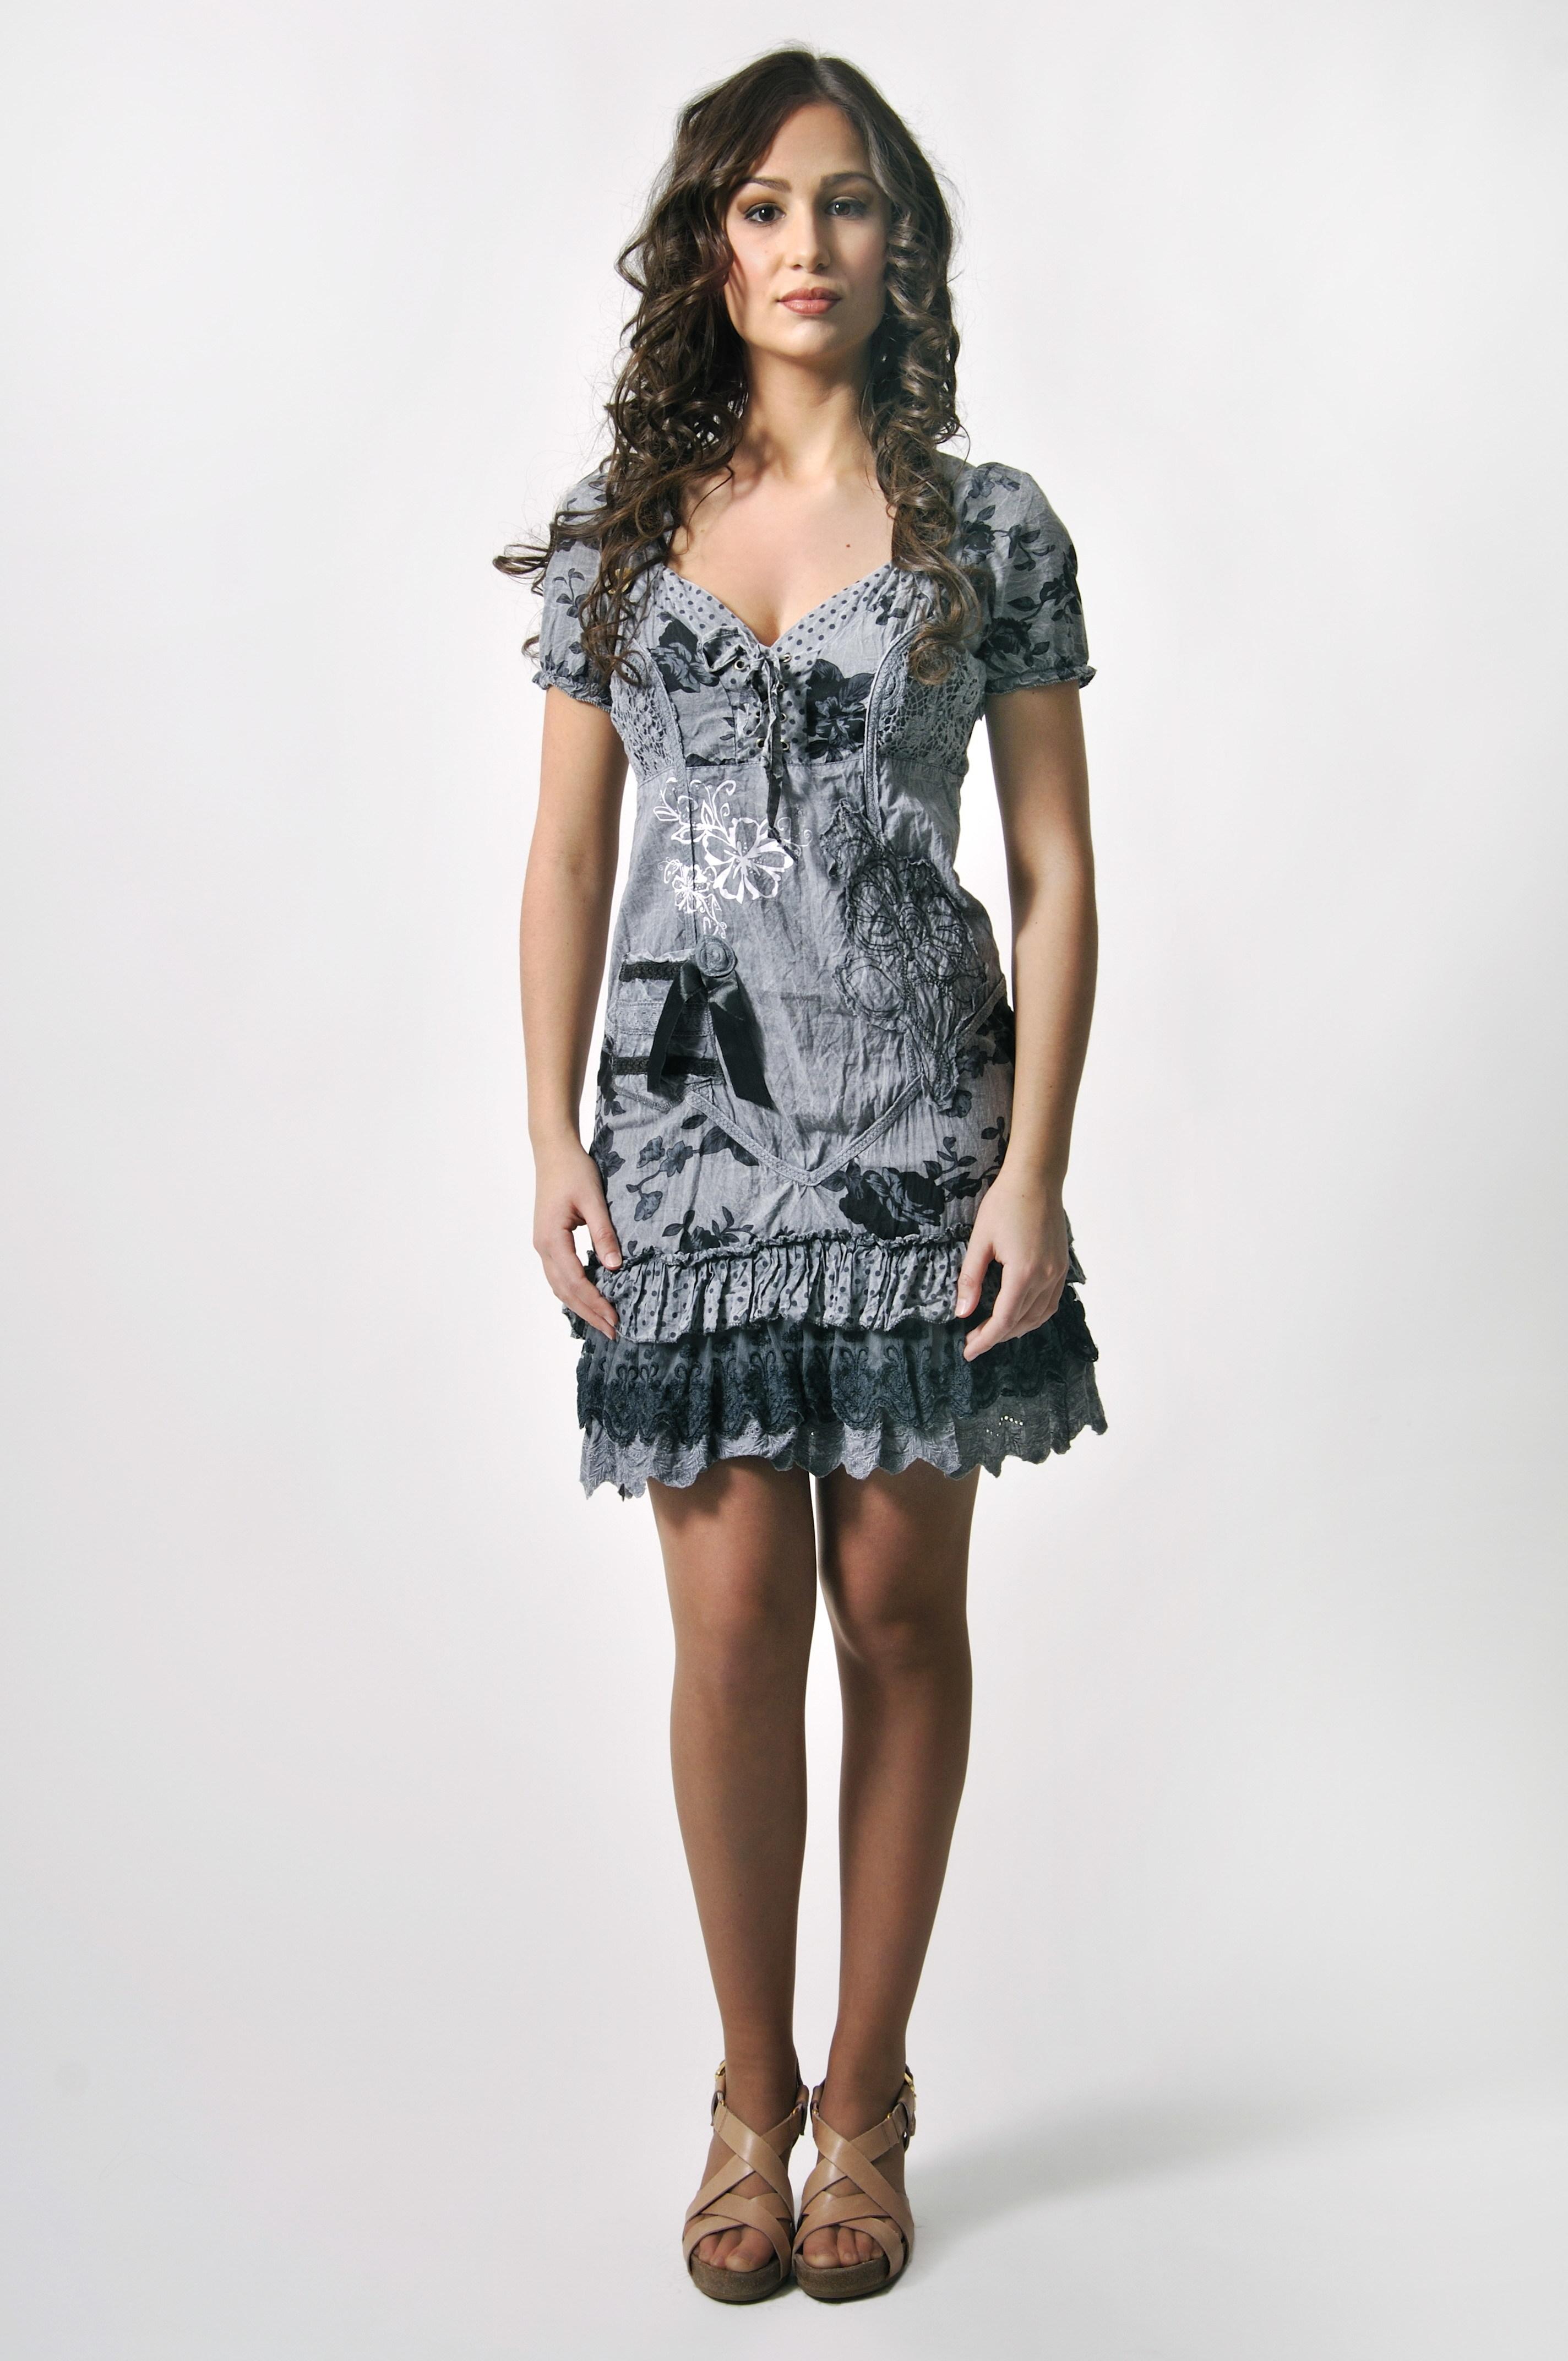 Savage Culture: Taste Me Tiffany Crinkled Cotton Dress (1 Left!) savage_26143_N